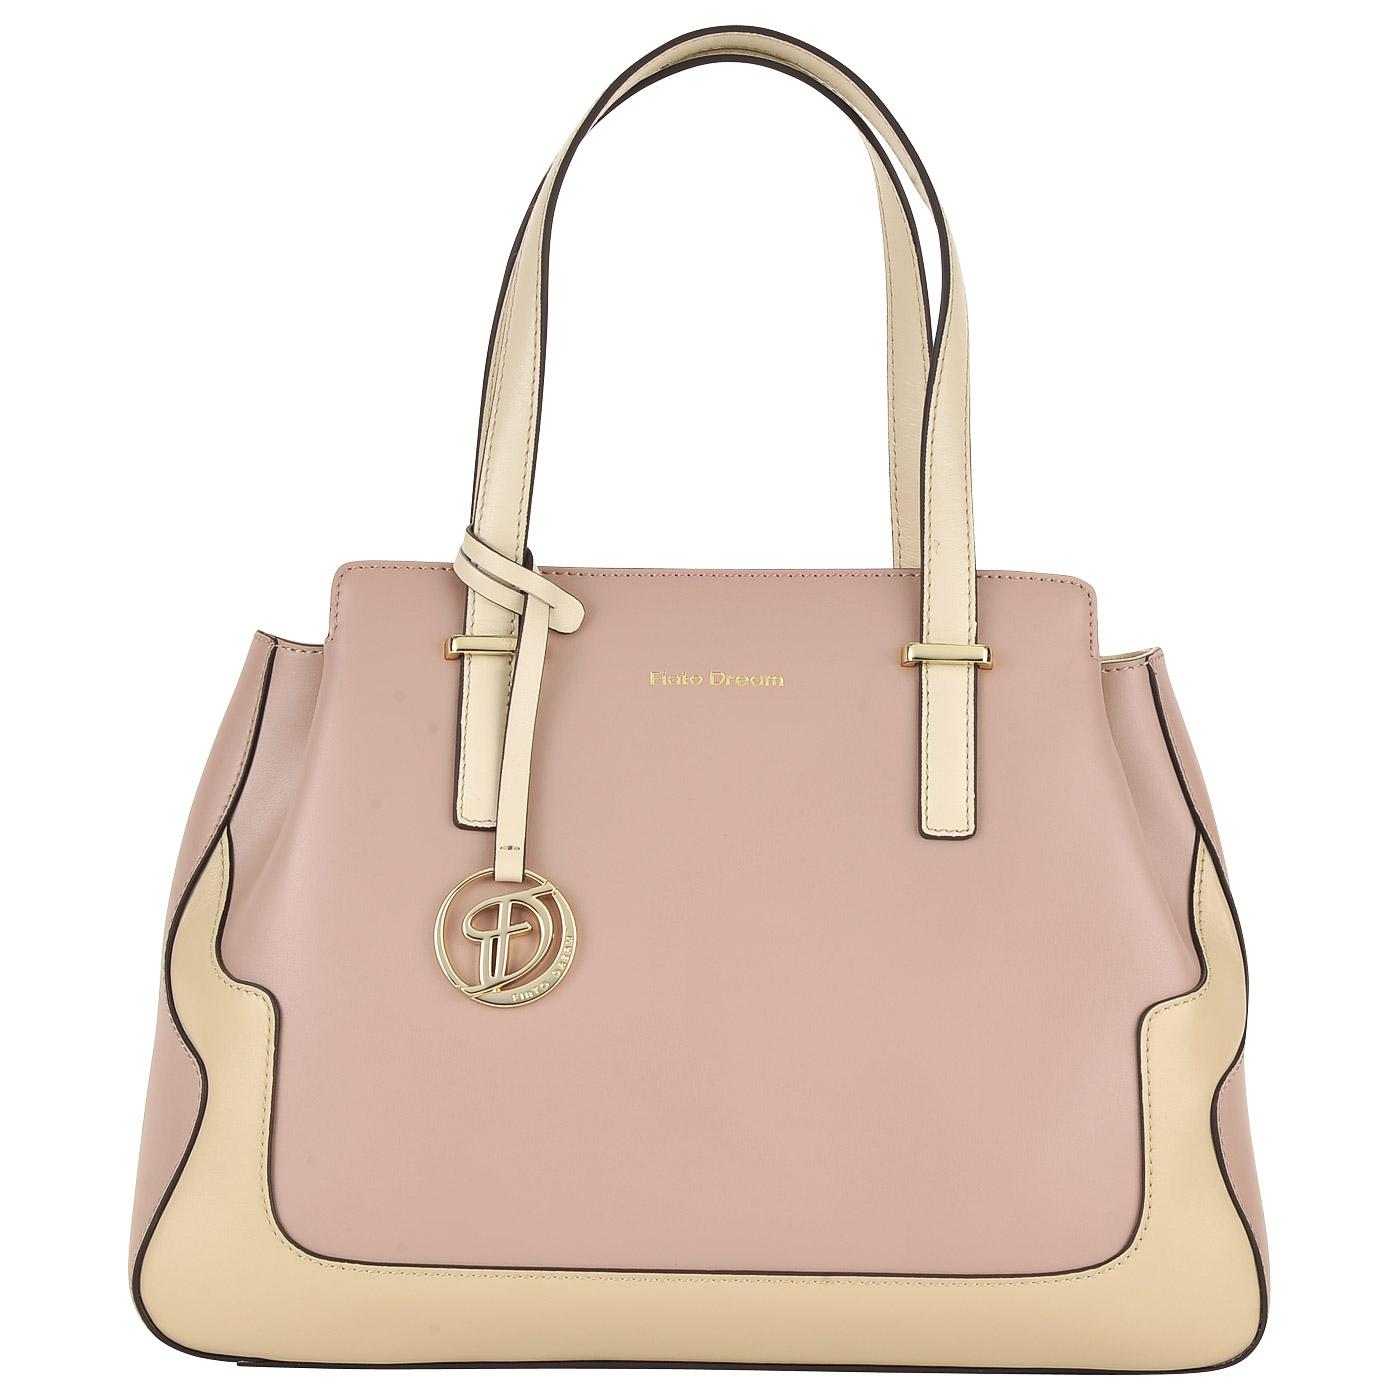 035bc496d605 Вместительная сумка из натуральной кожи Fiato Dream Вместительная сумка из  натуральной кожи Fiato Dream ...